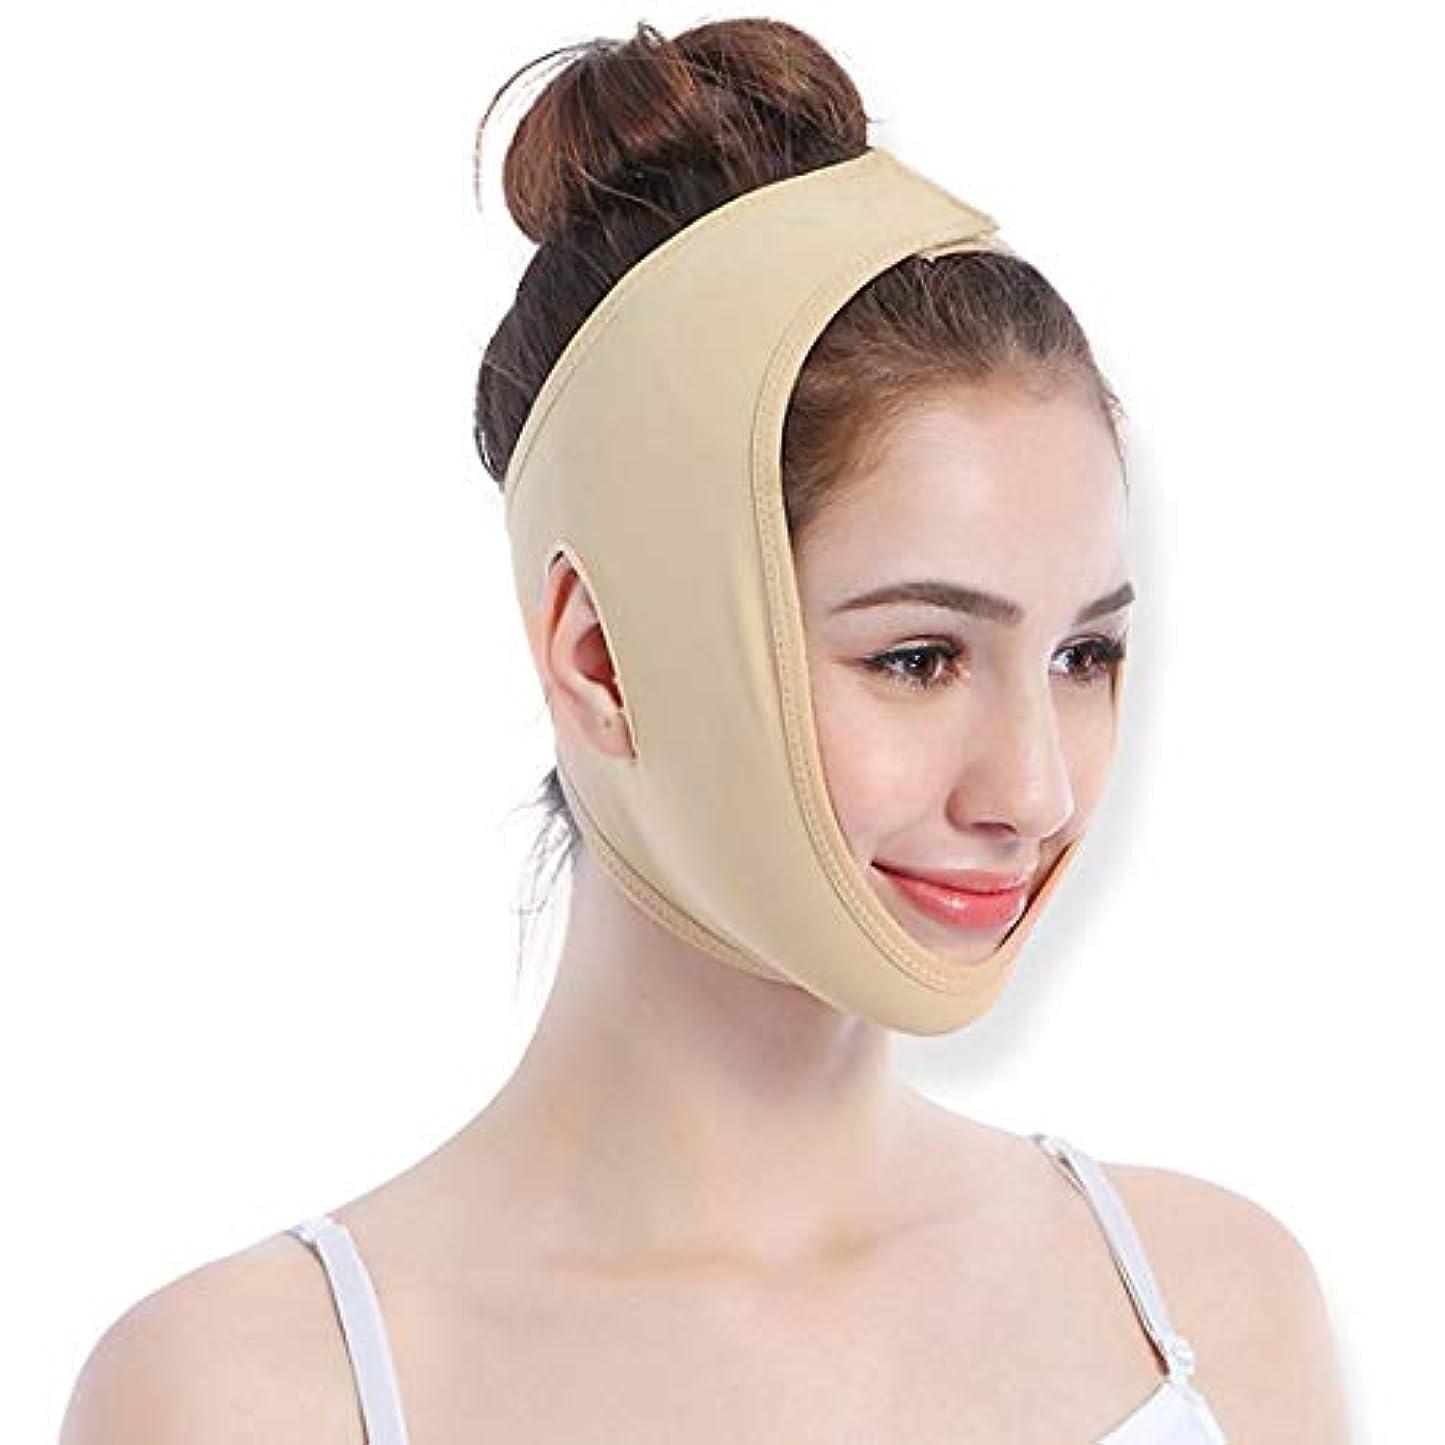 関係好き反毒ZWBD フェイスマスク, フェイスリフティング包帯フェイスリフティングフェイスリフティングフェイスV字型リフティング引き締め美容 (Size : XL)